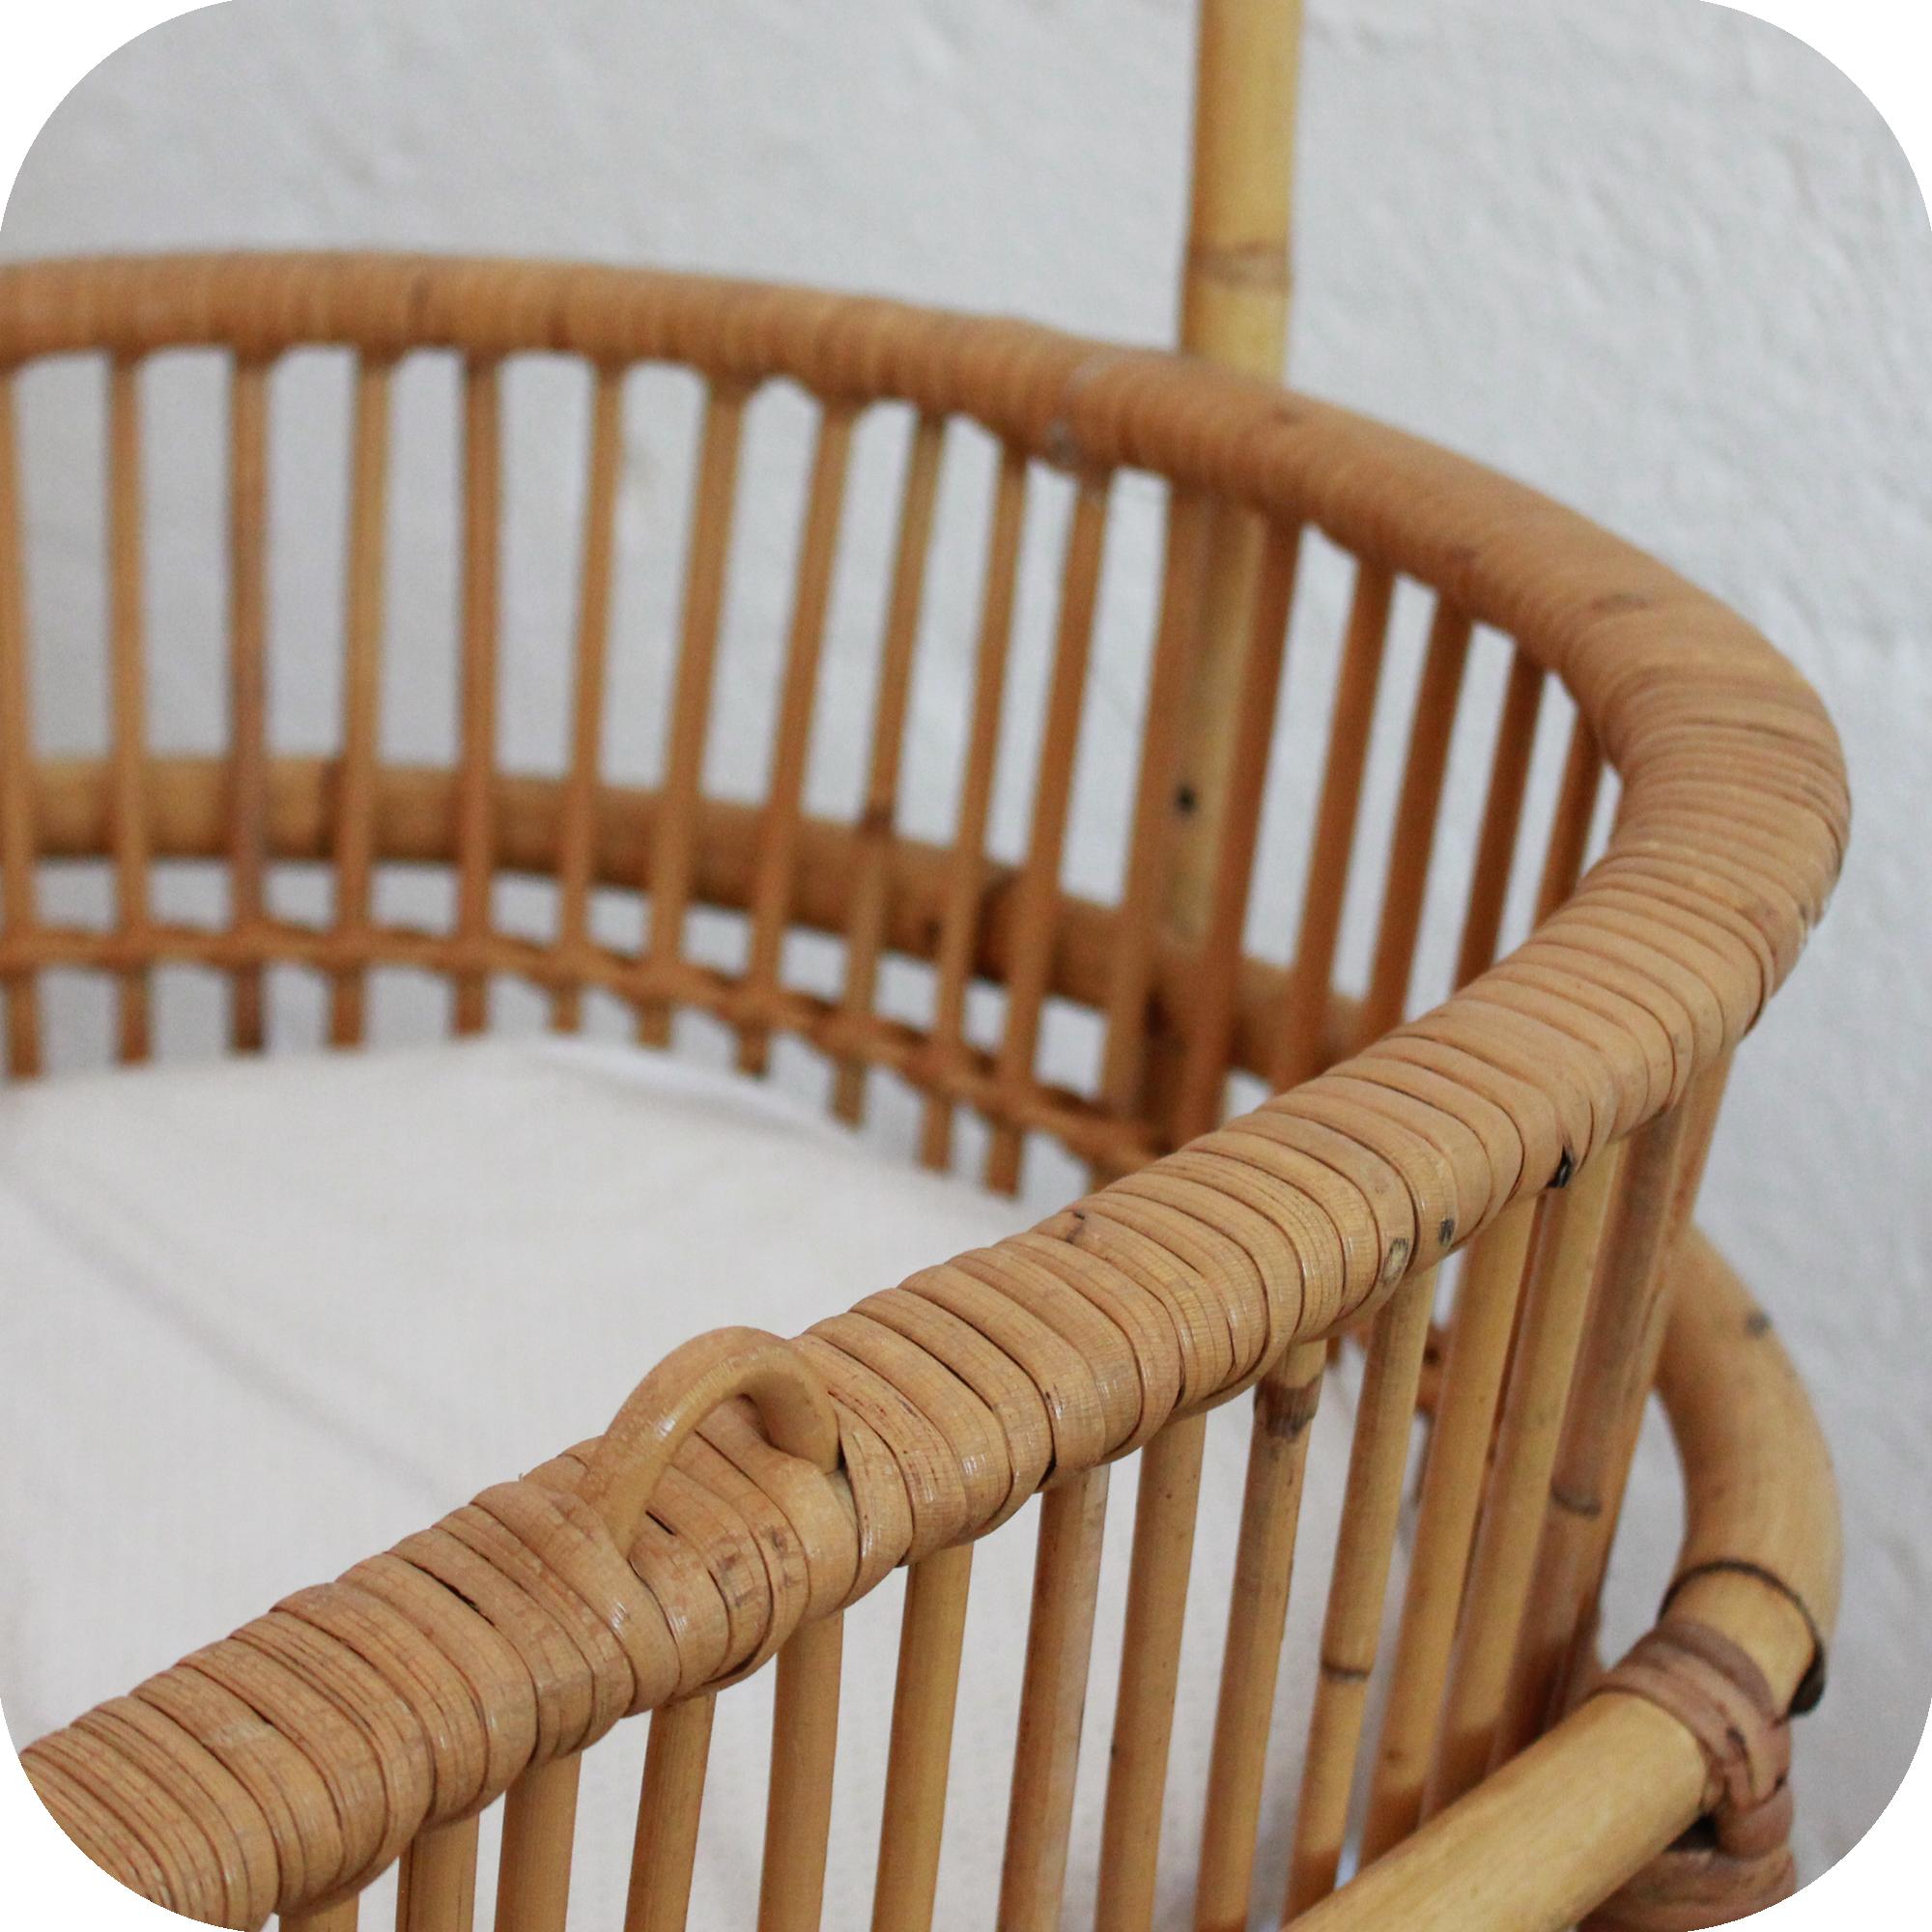 d526 mobilier vintage berceau vintage lit b b vintage e atelier du petit parc. Black Bedroom Furniture Sets. Home Design Ideas